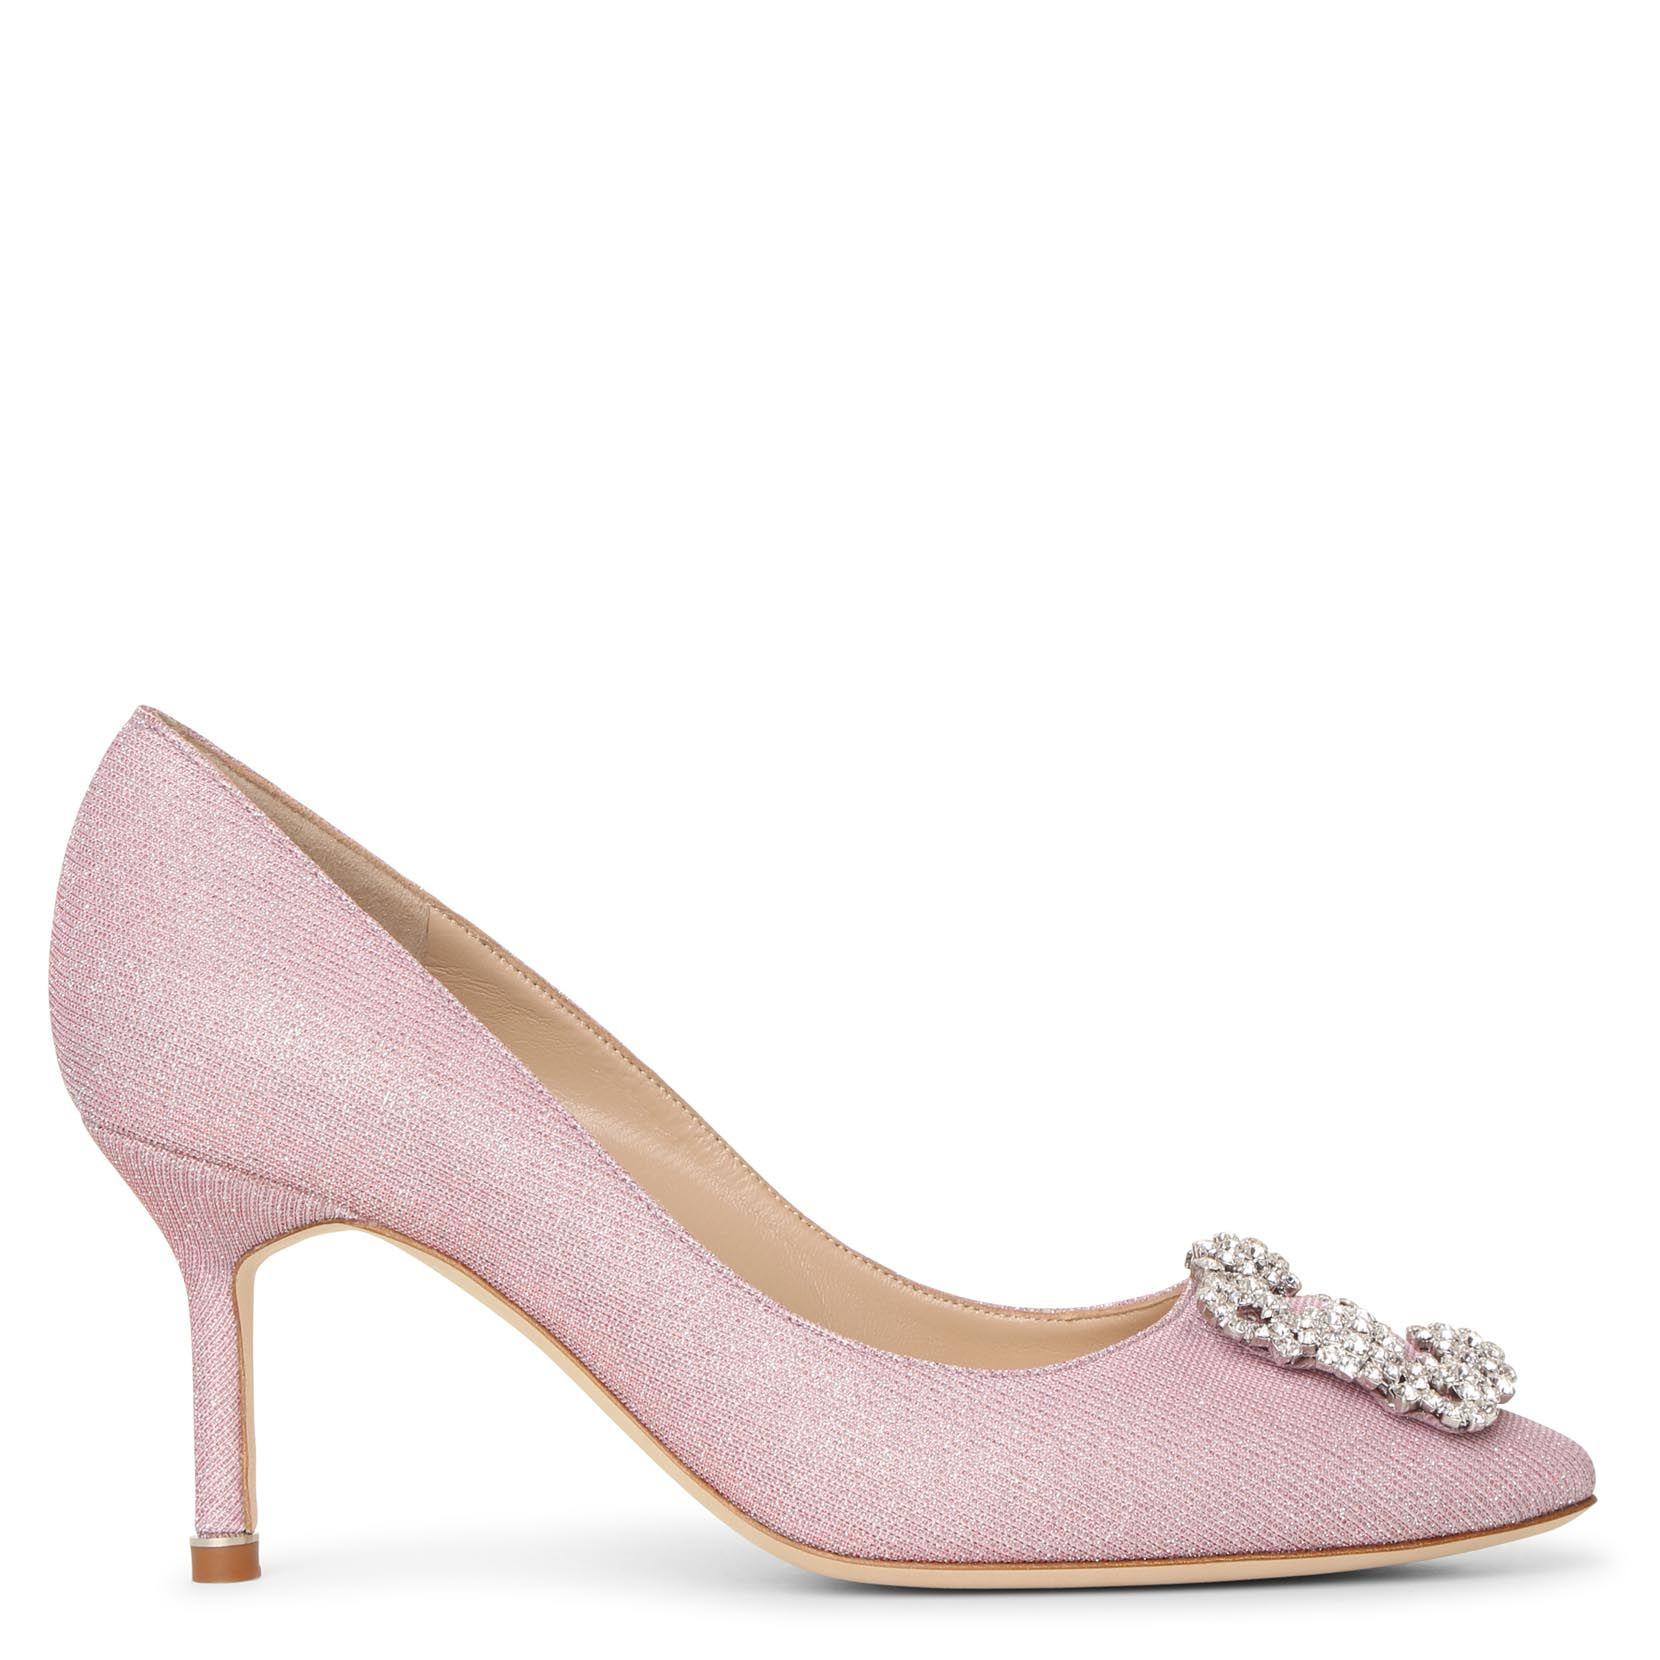 Manolo Blahnik Hangisi 70 Light Pink